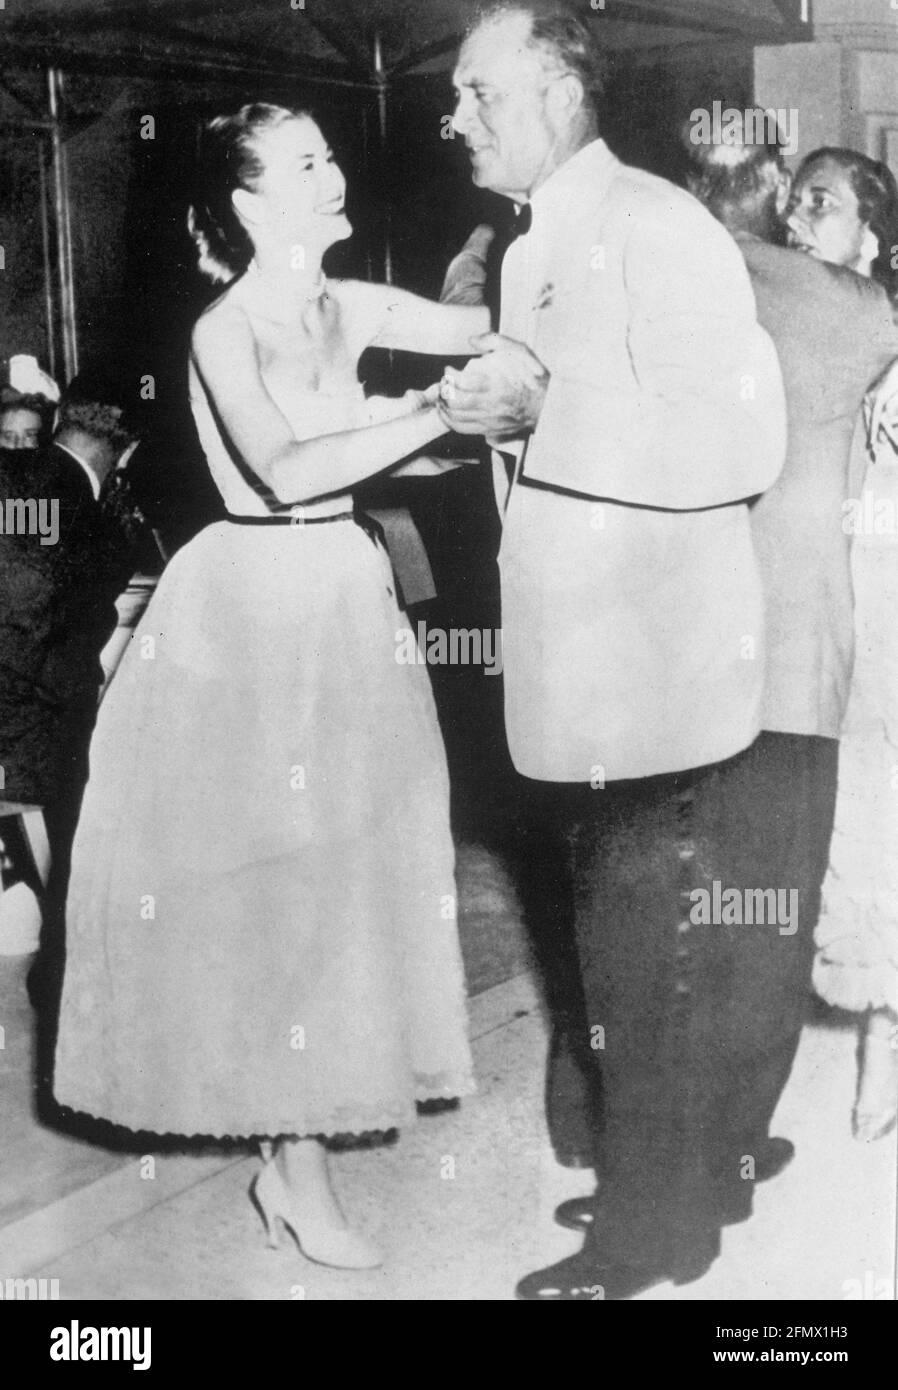 Kelly, Grace, 12.11.1929 -14.9.1982, actrice américaine, avec son père John Brendan Kelly, DROITS-SUPPLÉMENTAIRES-AUTORISATION-INFO-NON-DISPONIBLE Banque D'Images